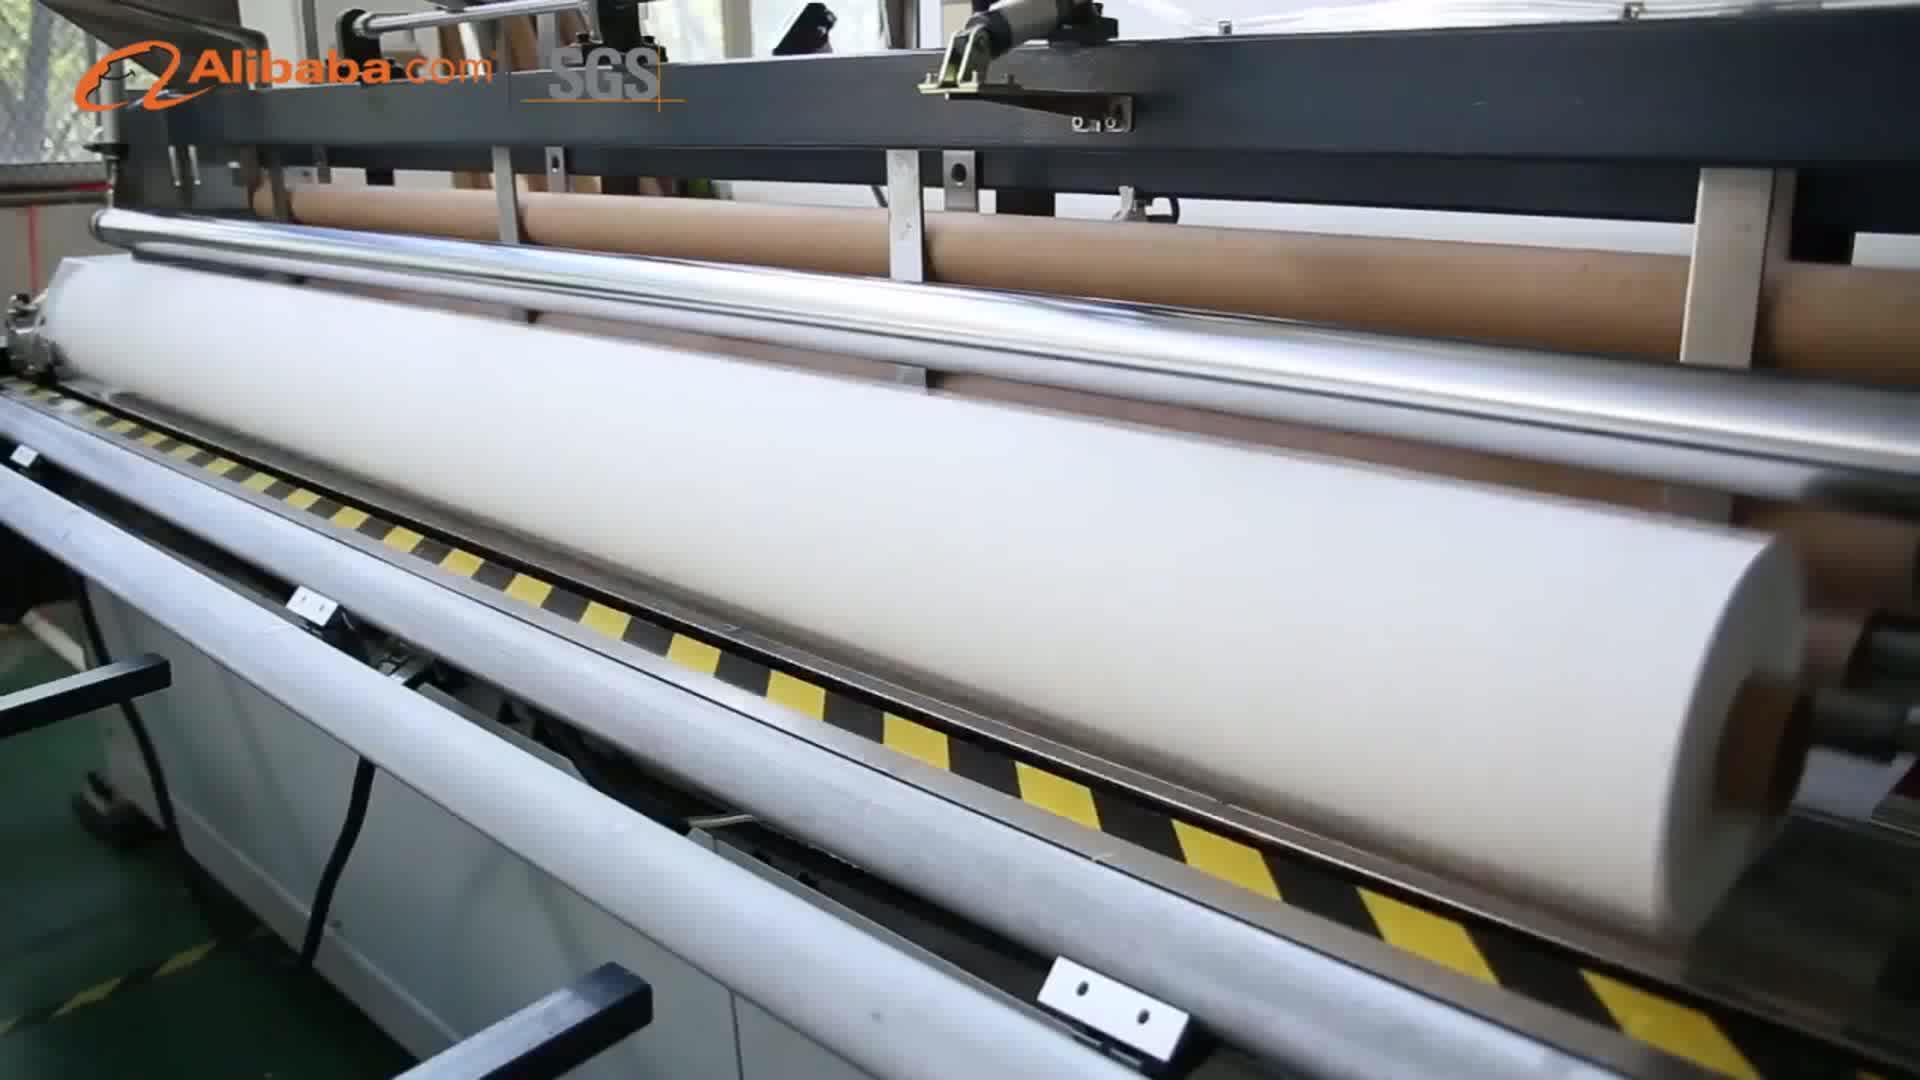 100% Recycle Pulp Wit Tissue Roll Natuurlijke Papieren Servet 2 Ply 300 Vellen Zijdepapier Custom Embossing Toiletpapier